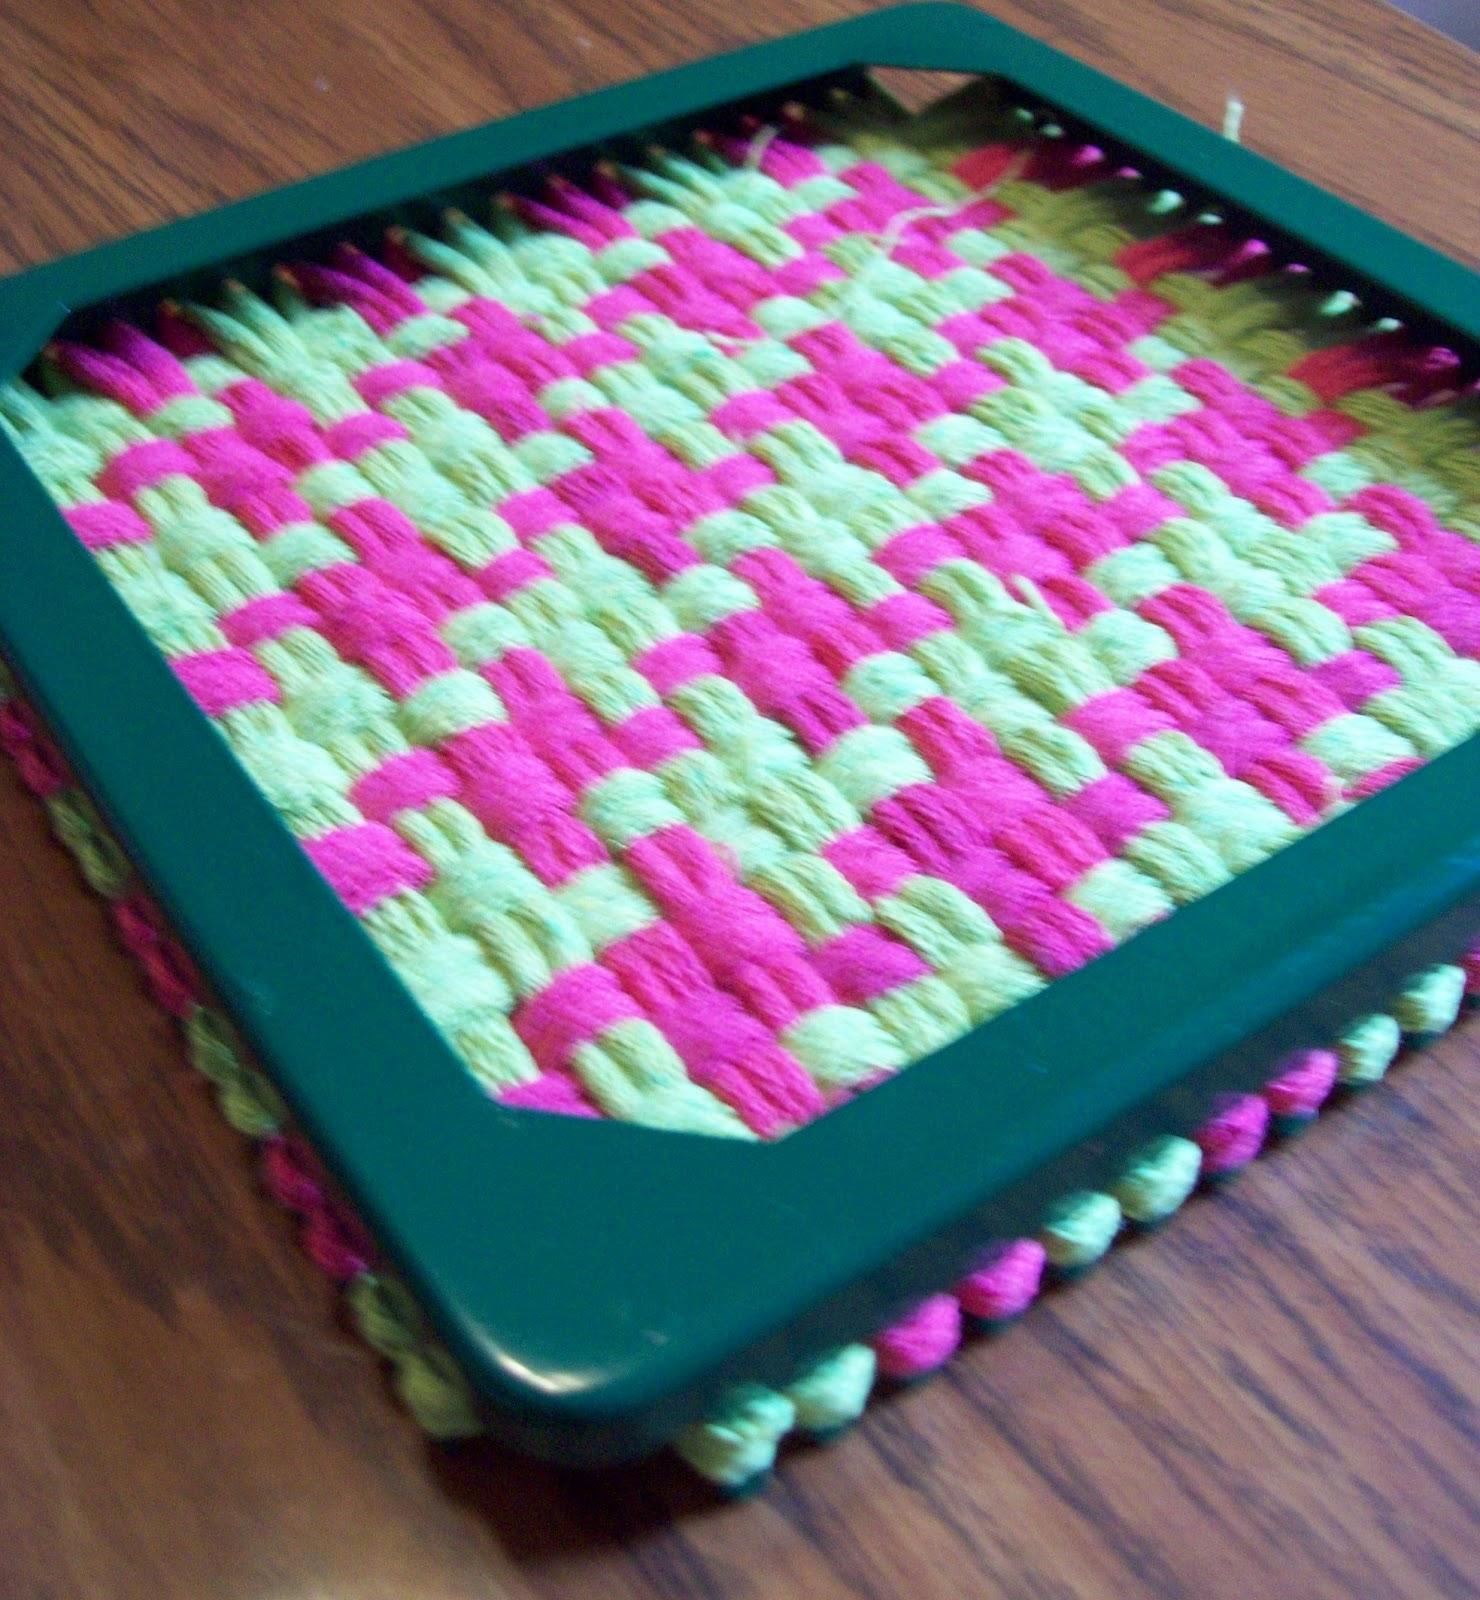 Potholder Loom Patterns Amazing Inspiration Ideas